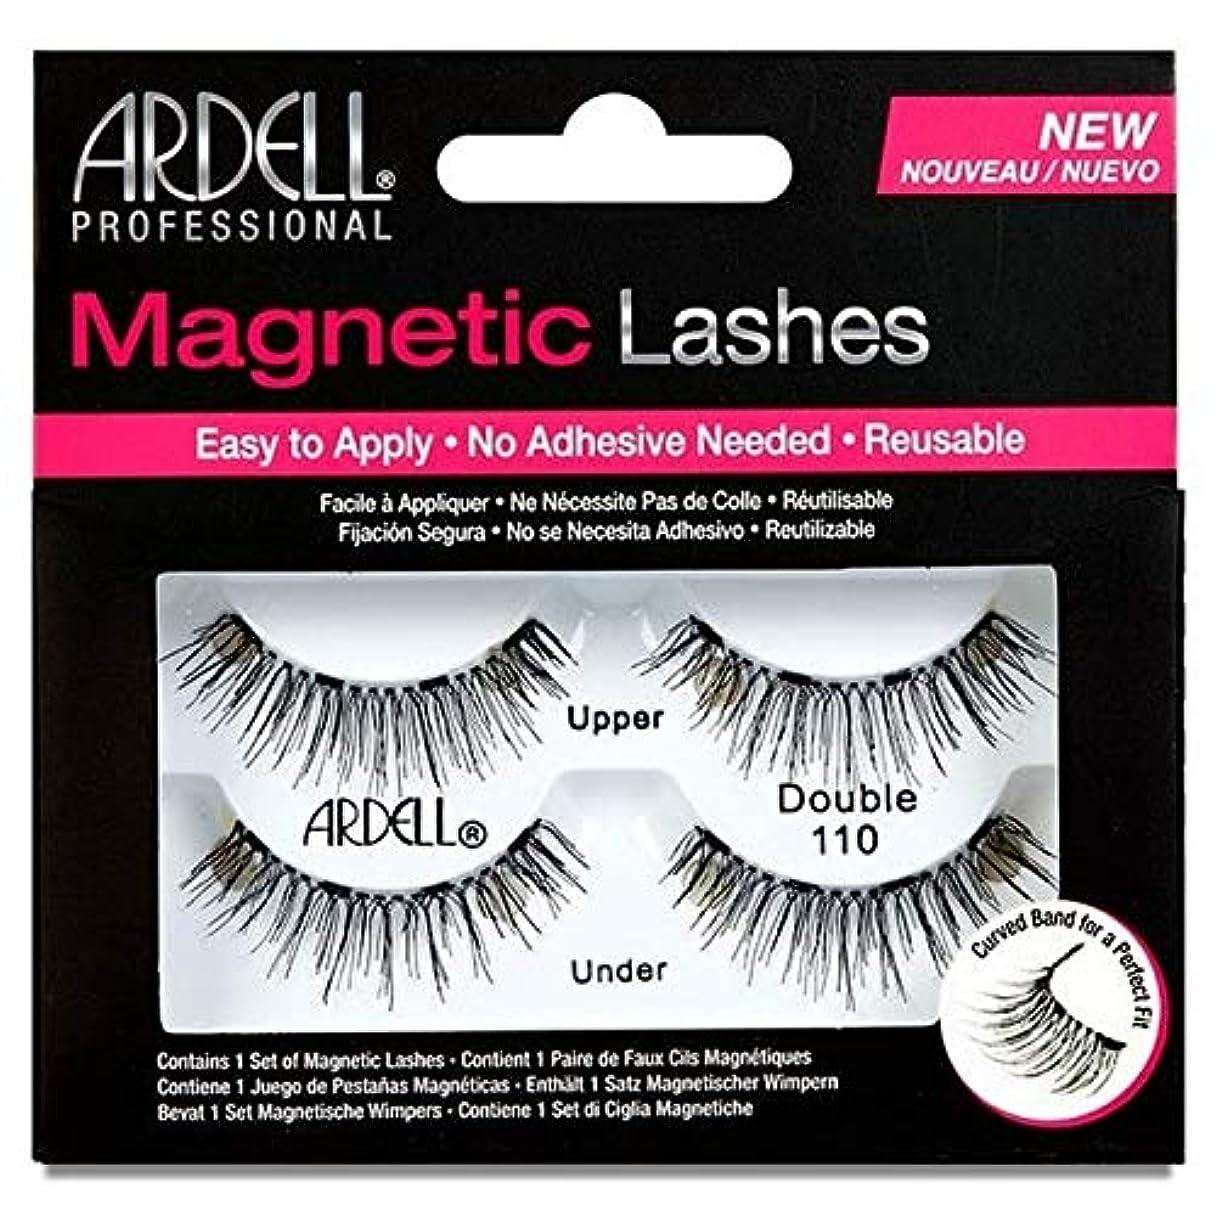 輸送配管工たくさんの[Ardell] 110ダブルArdell磁気まつげ - Ardell Magnetic Eyelashes Double 110 [並行輸入品]